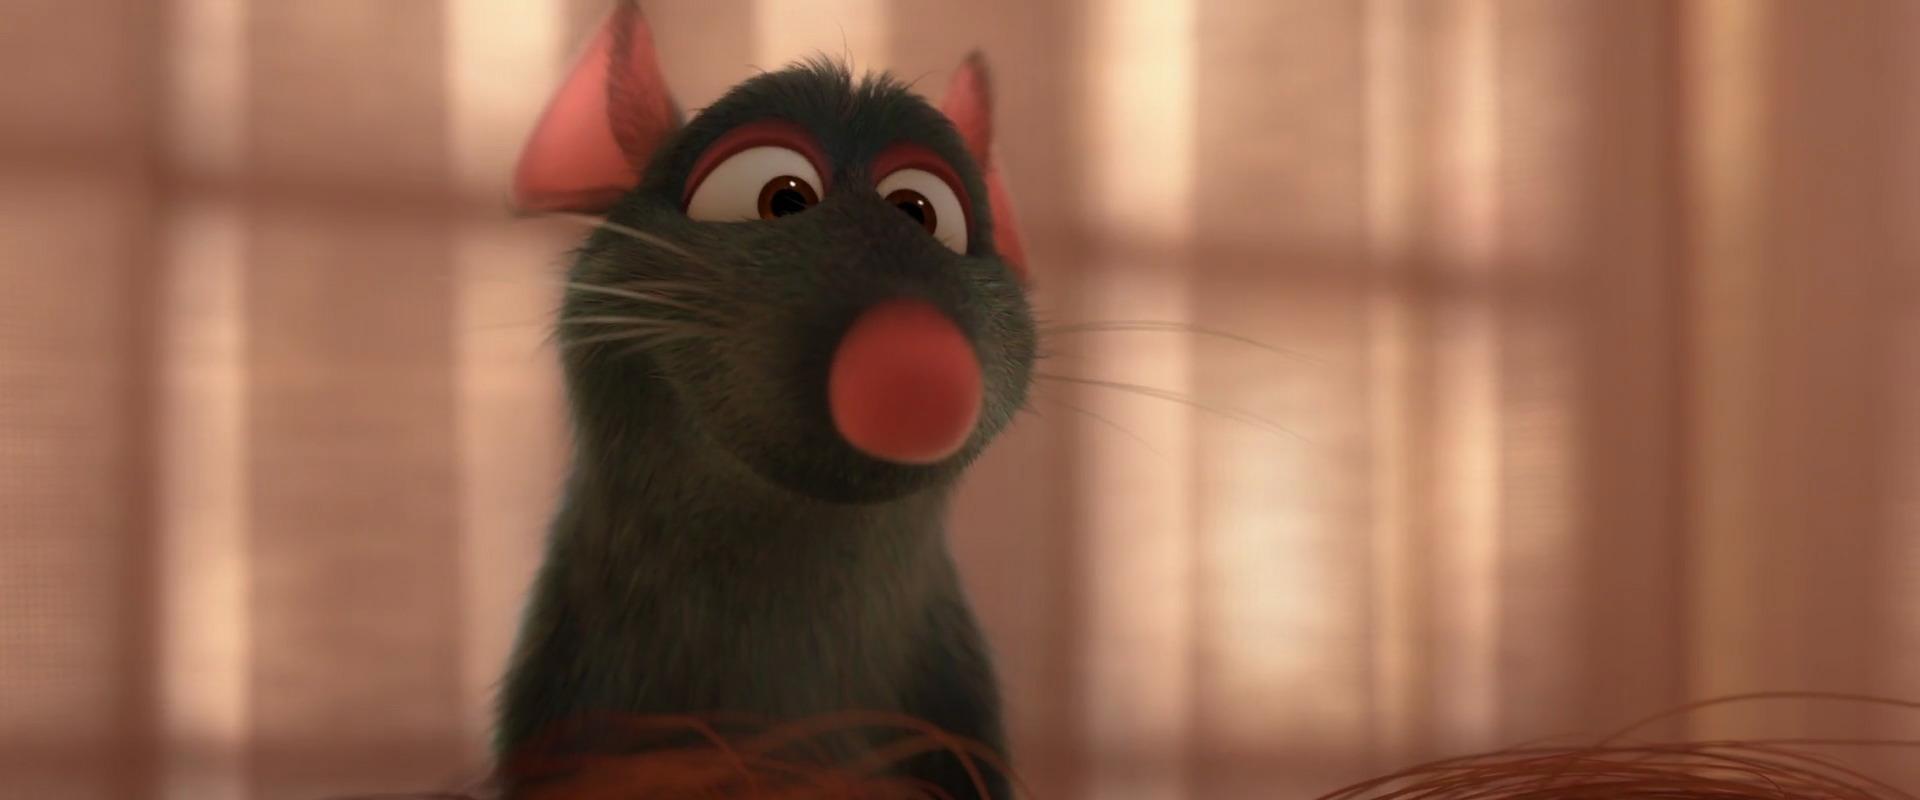 rémy personnage character pixar disney ratatouille